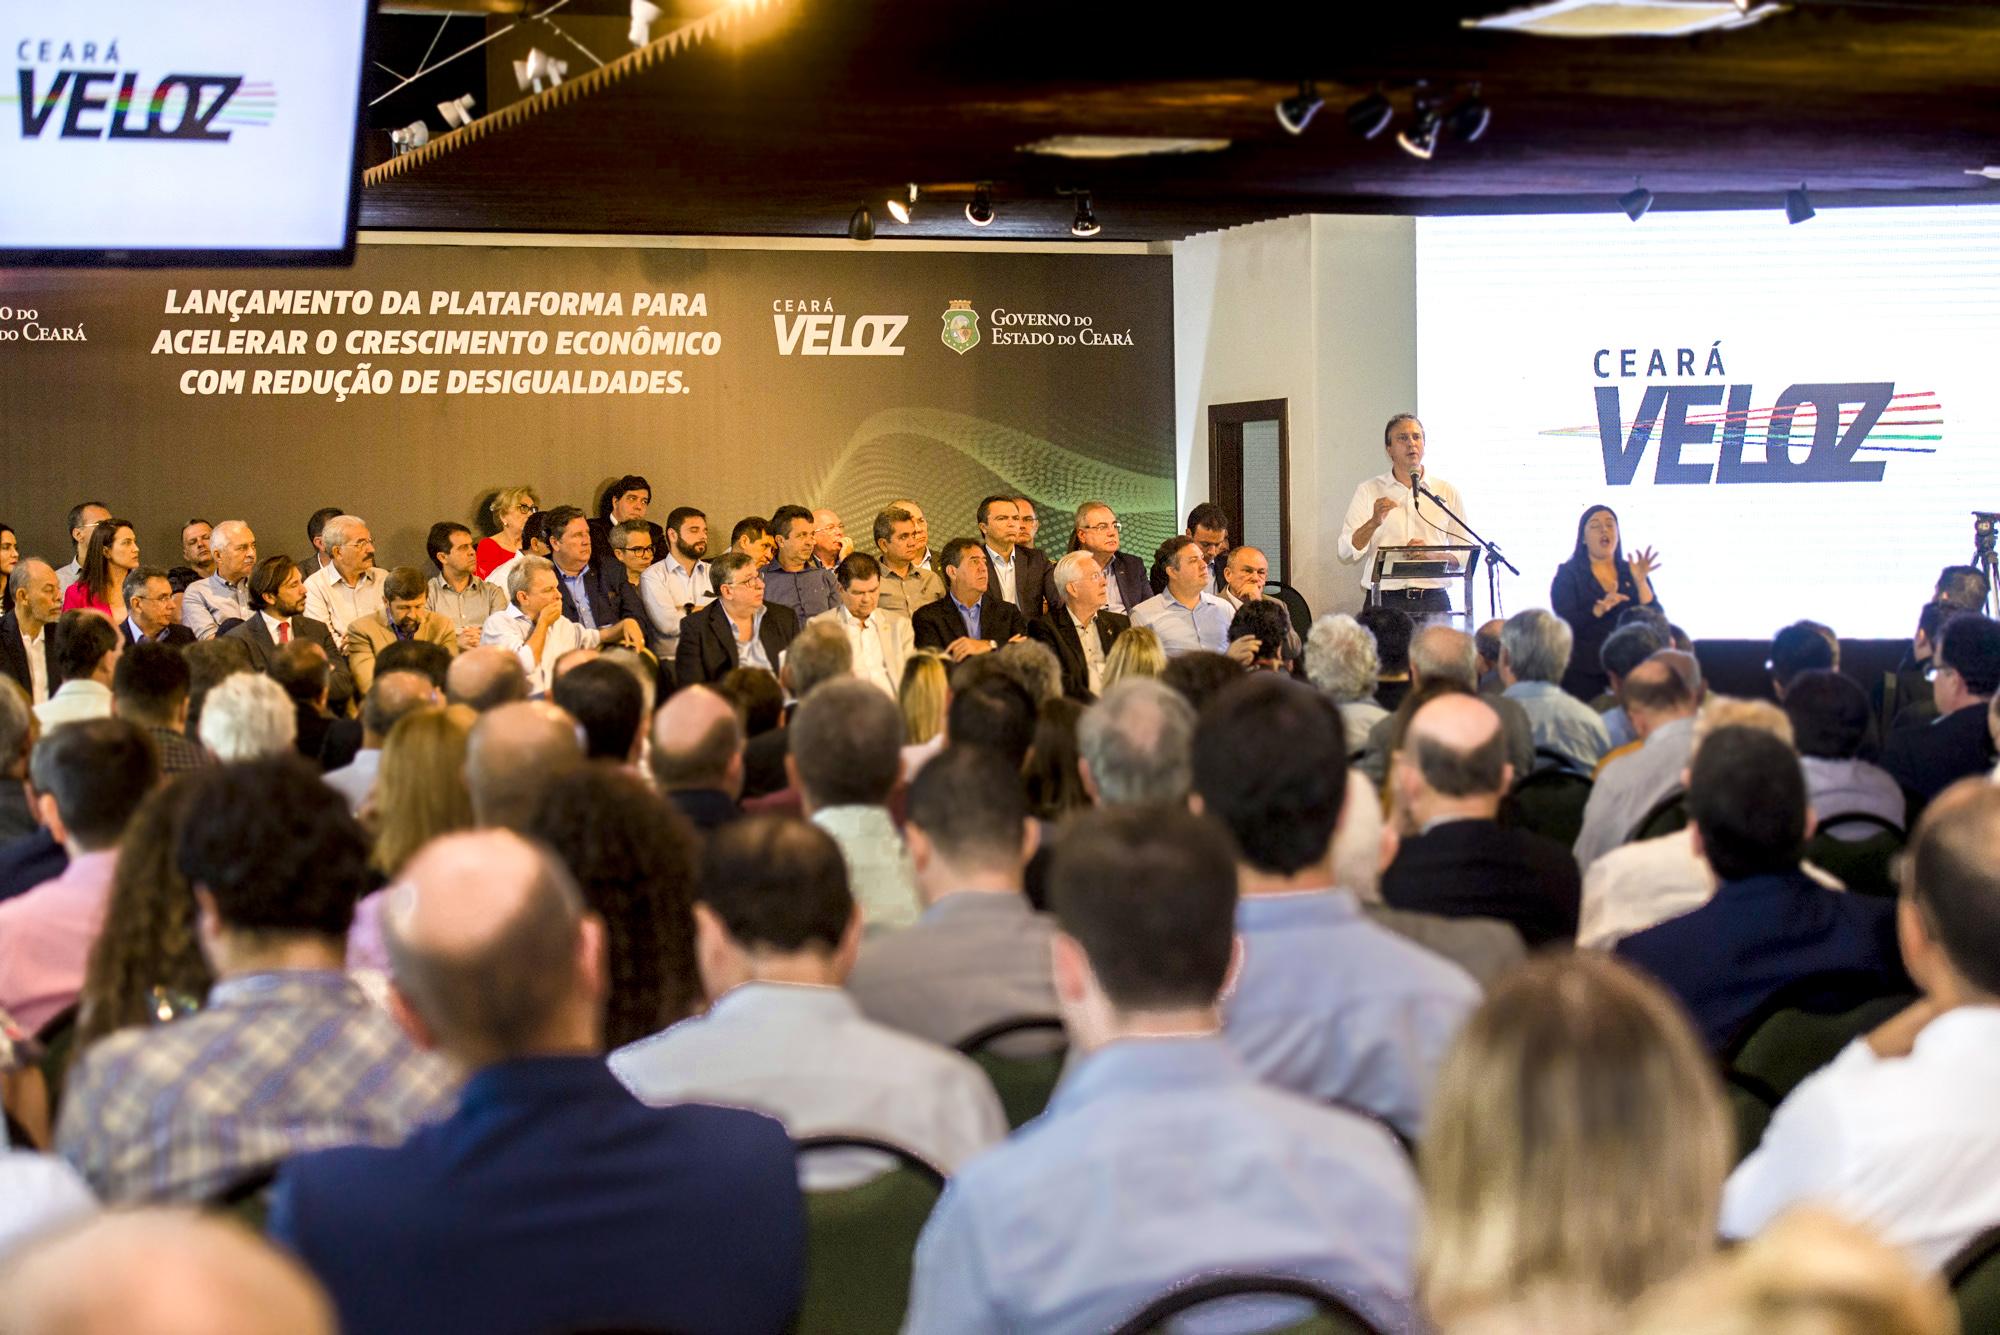 Plataforma lançada pelo Governo do Ceará vai alavancar crescimento econômico e reduzir desigualdades